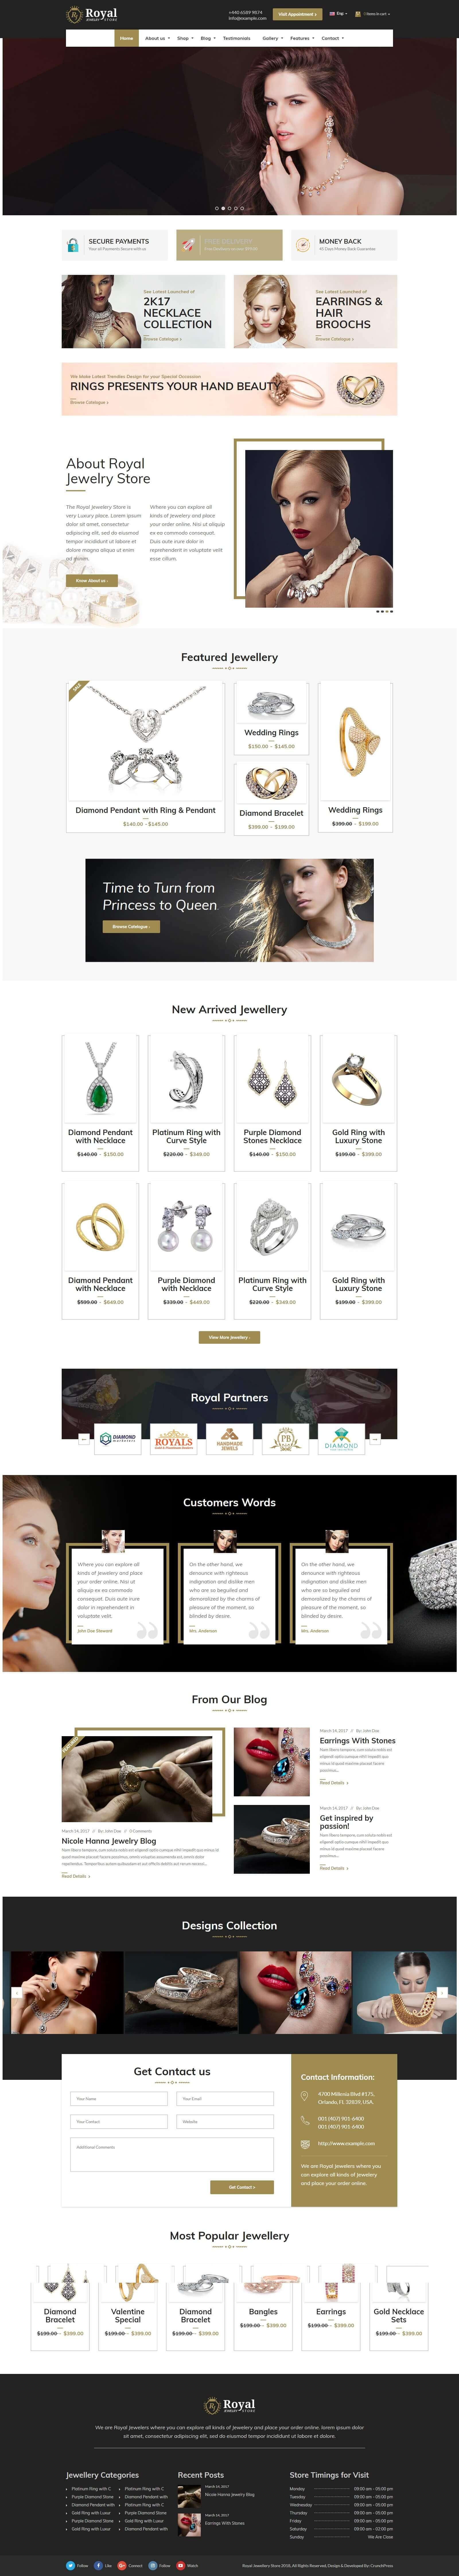 Mẫu website bán hàng dây chuyền, trang sức đẹp